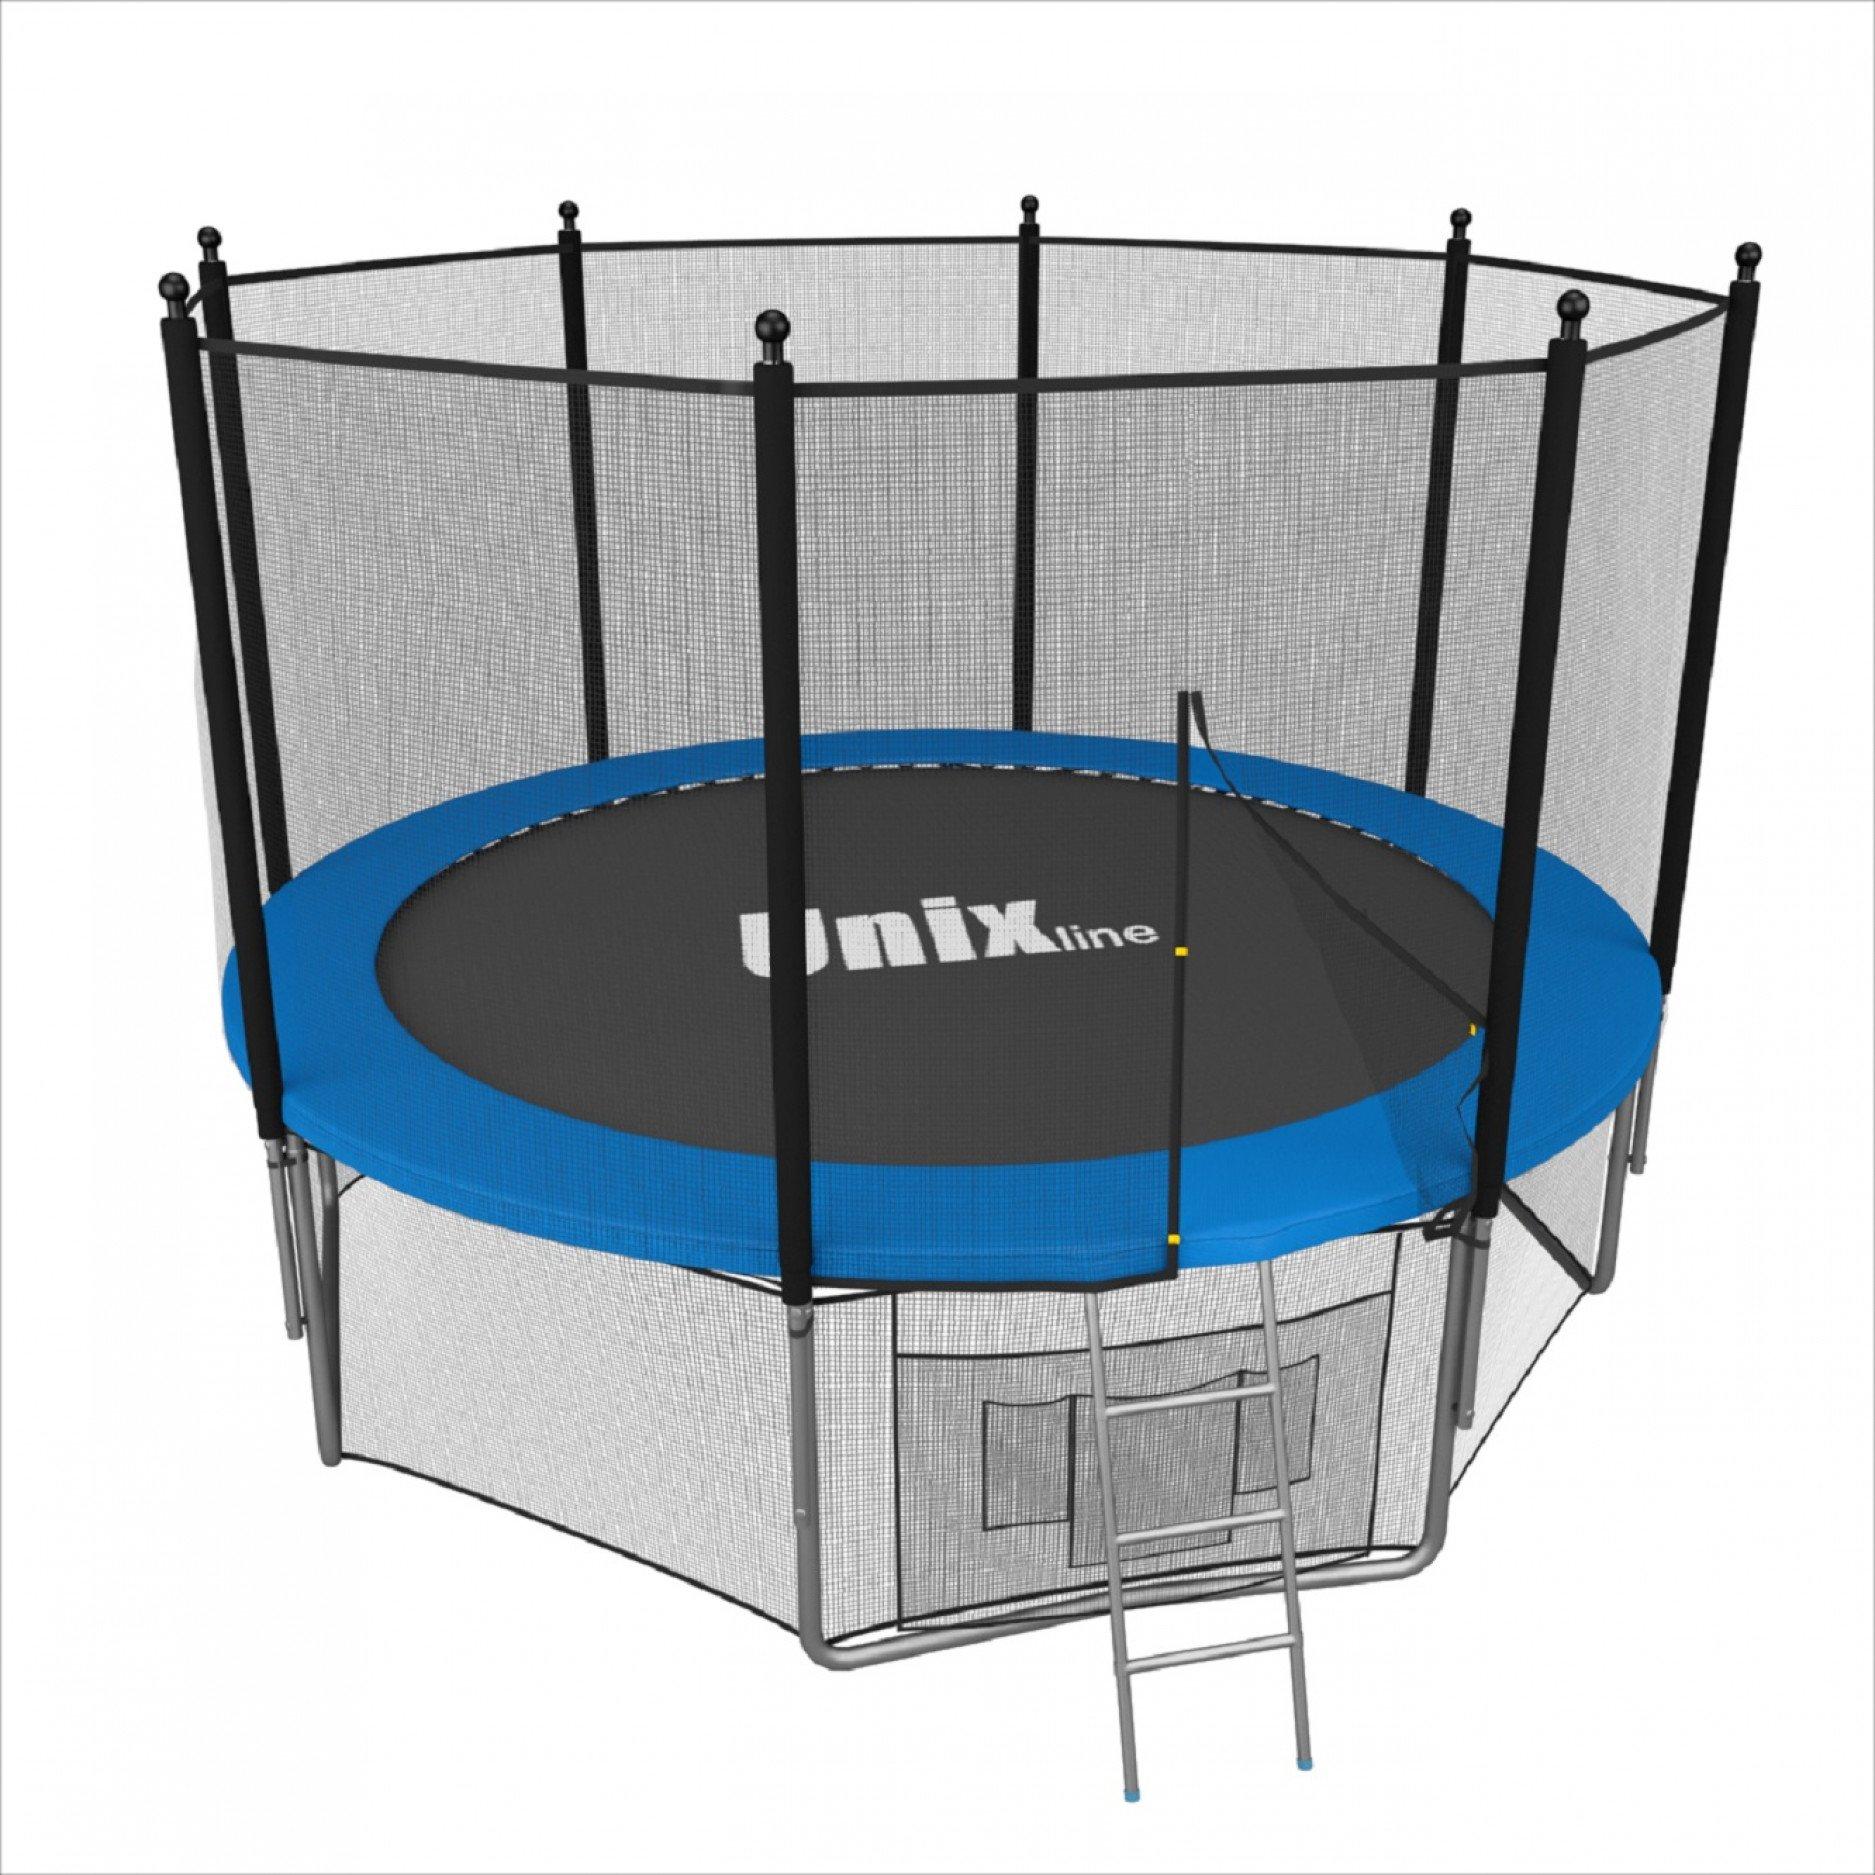 Батут UNIX line 12 ft с наружной сеткой (синий)